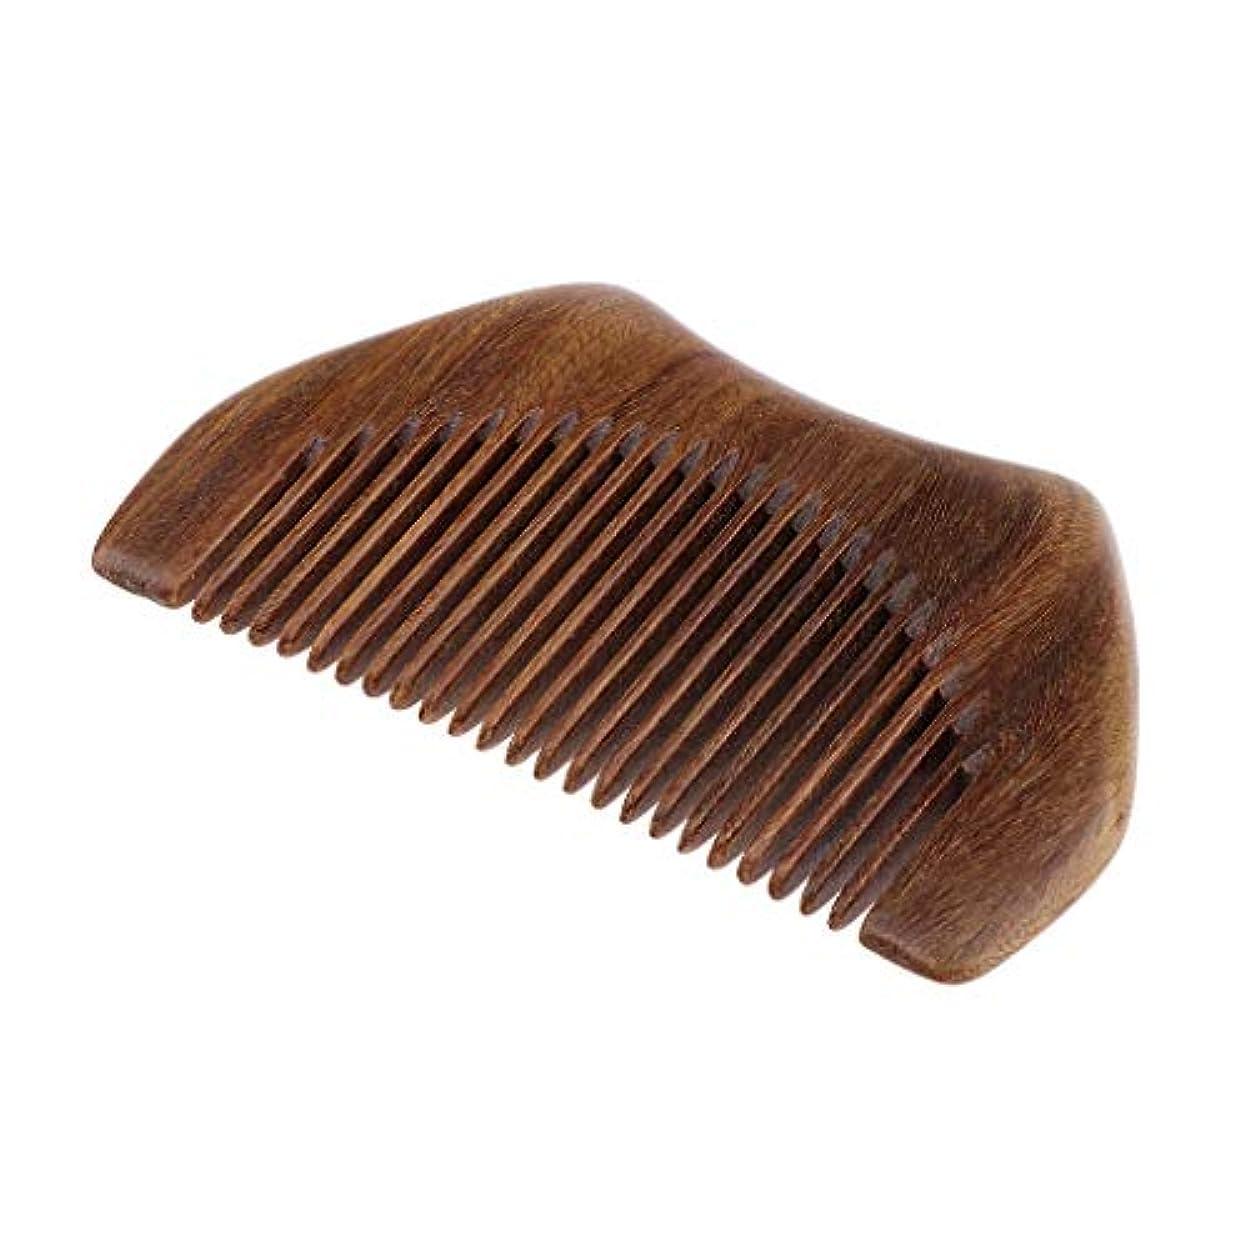 喉頭リネンクレーターヘアコーム 木製櫛 静電気防止櫛 ヘアサロン くし